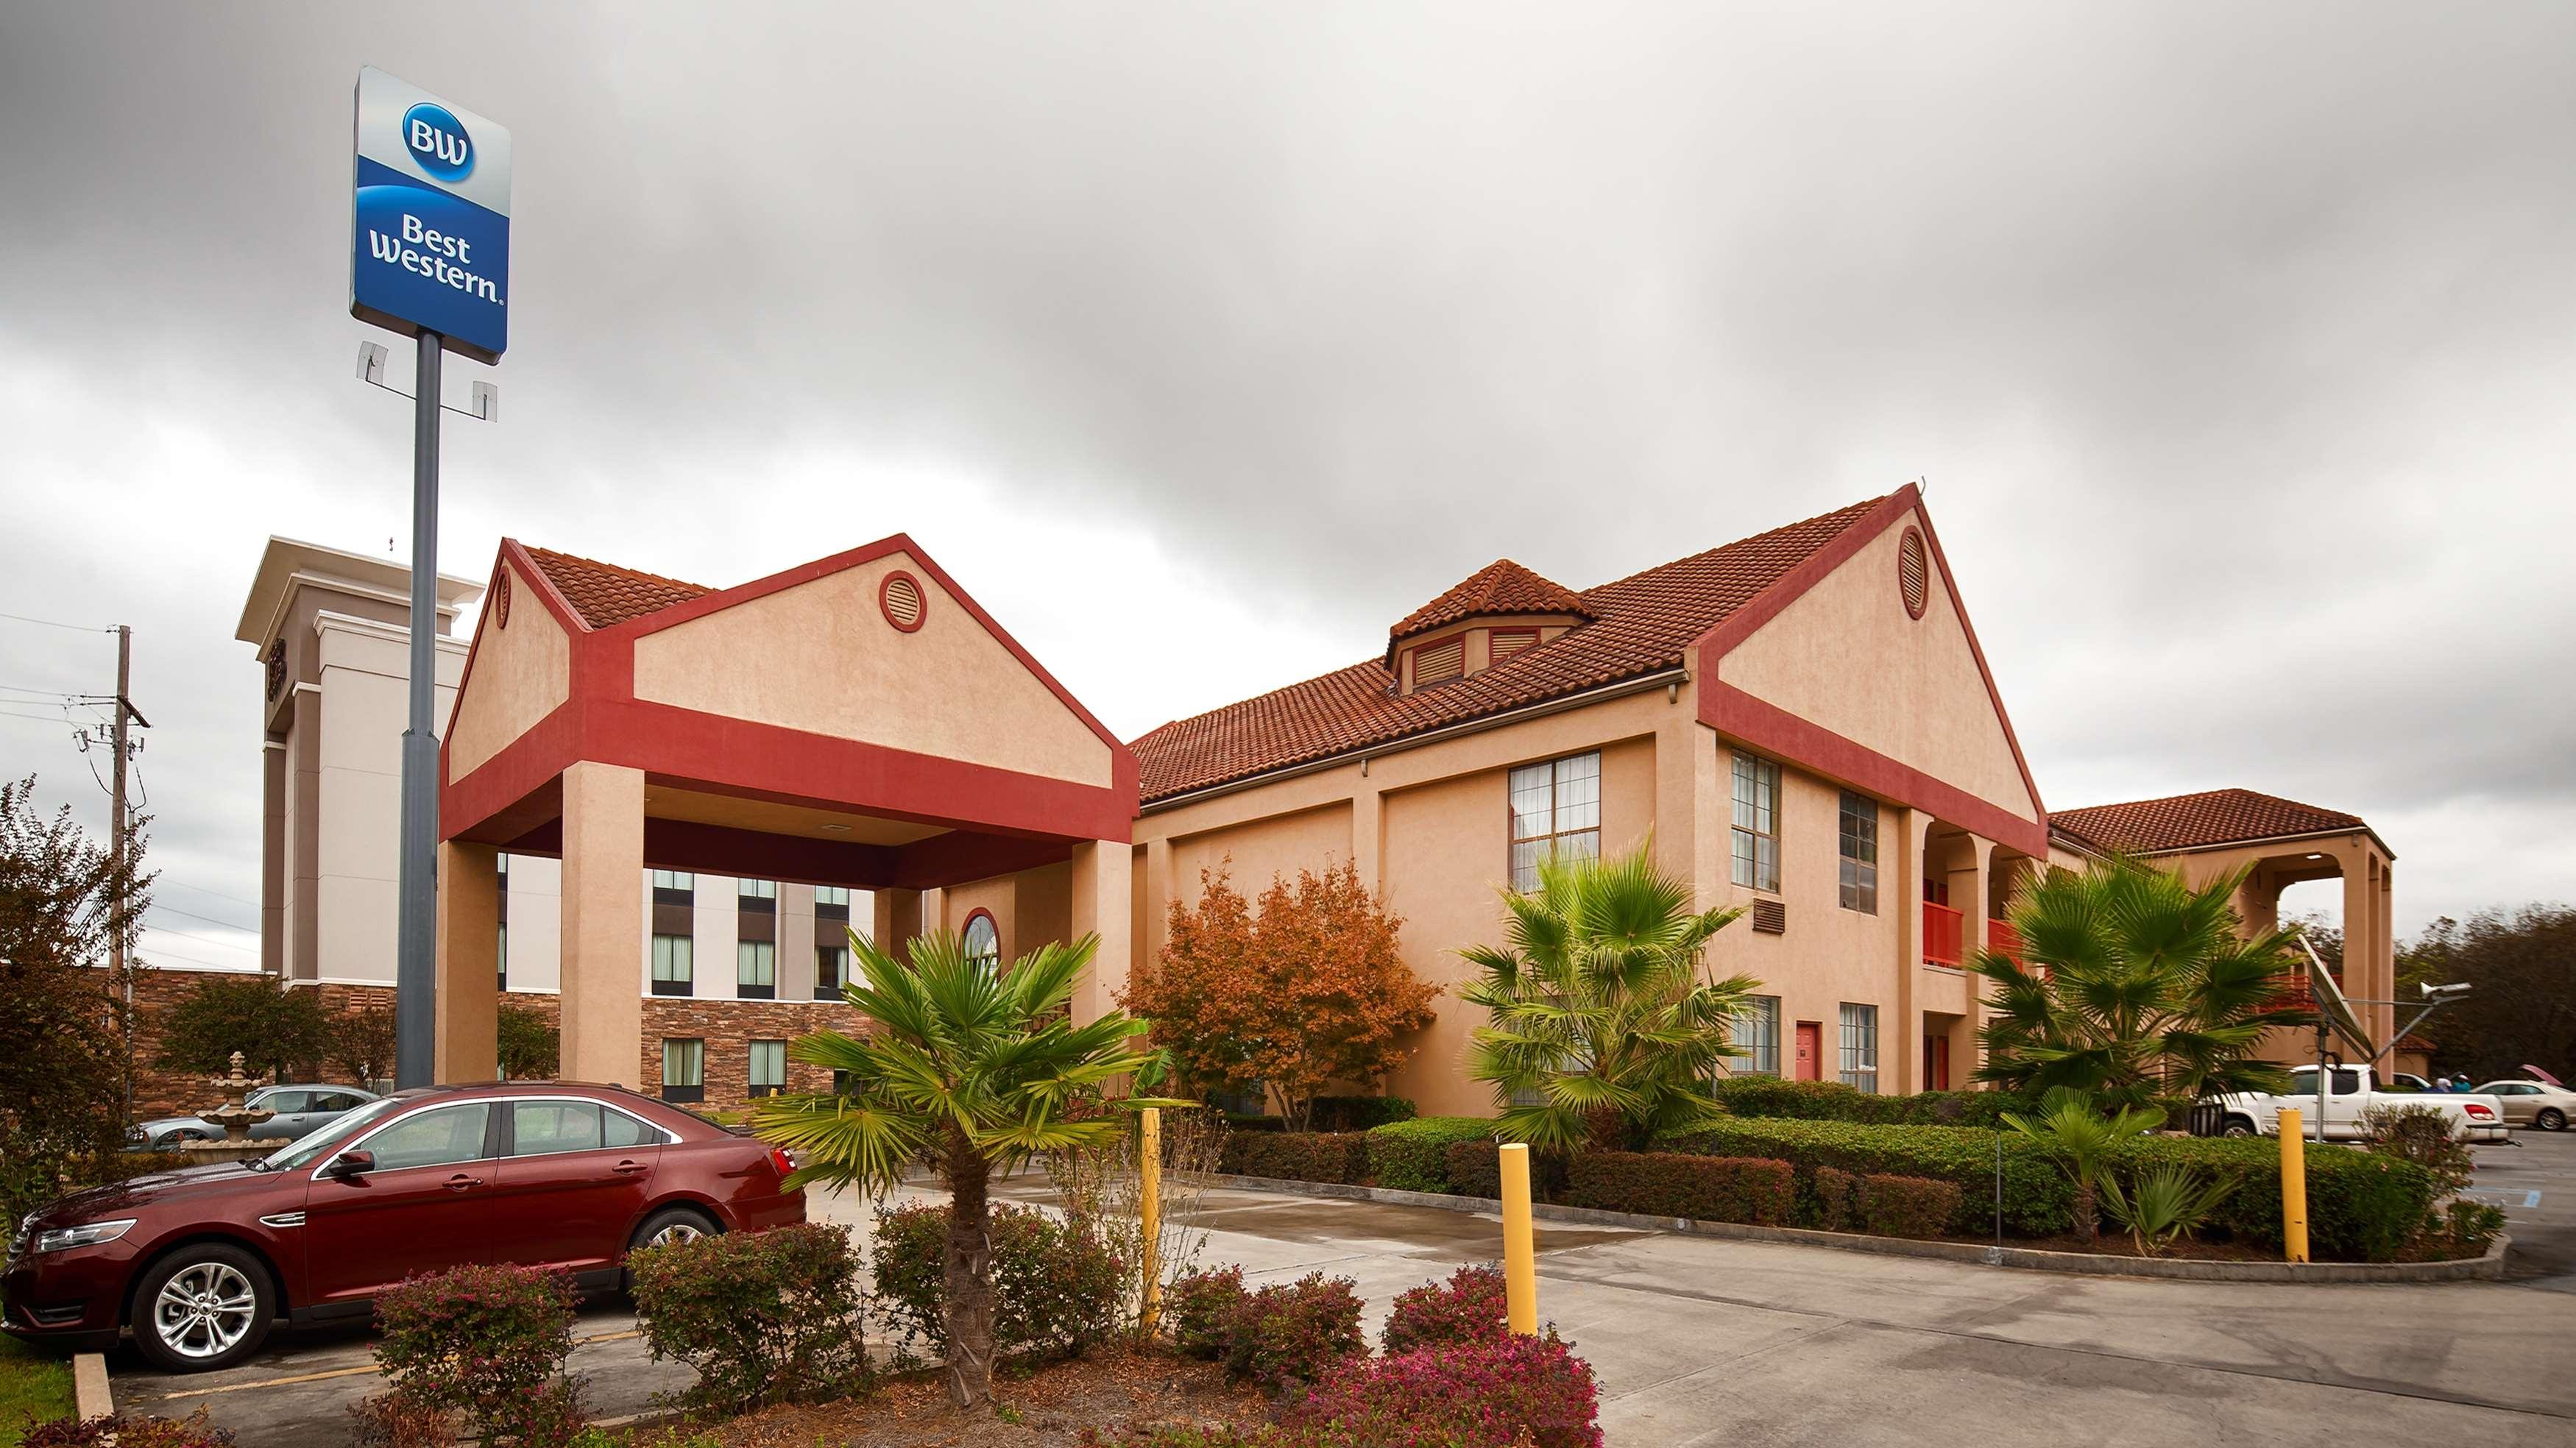 Best Western Hotel In Monroe La